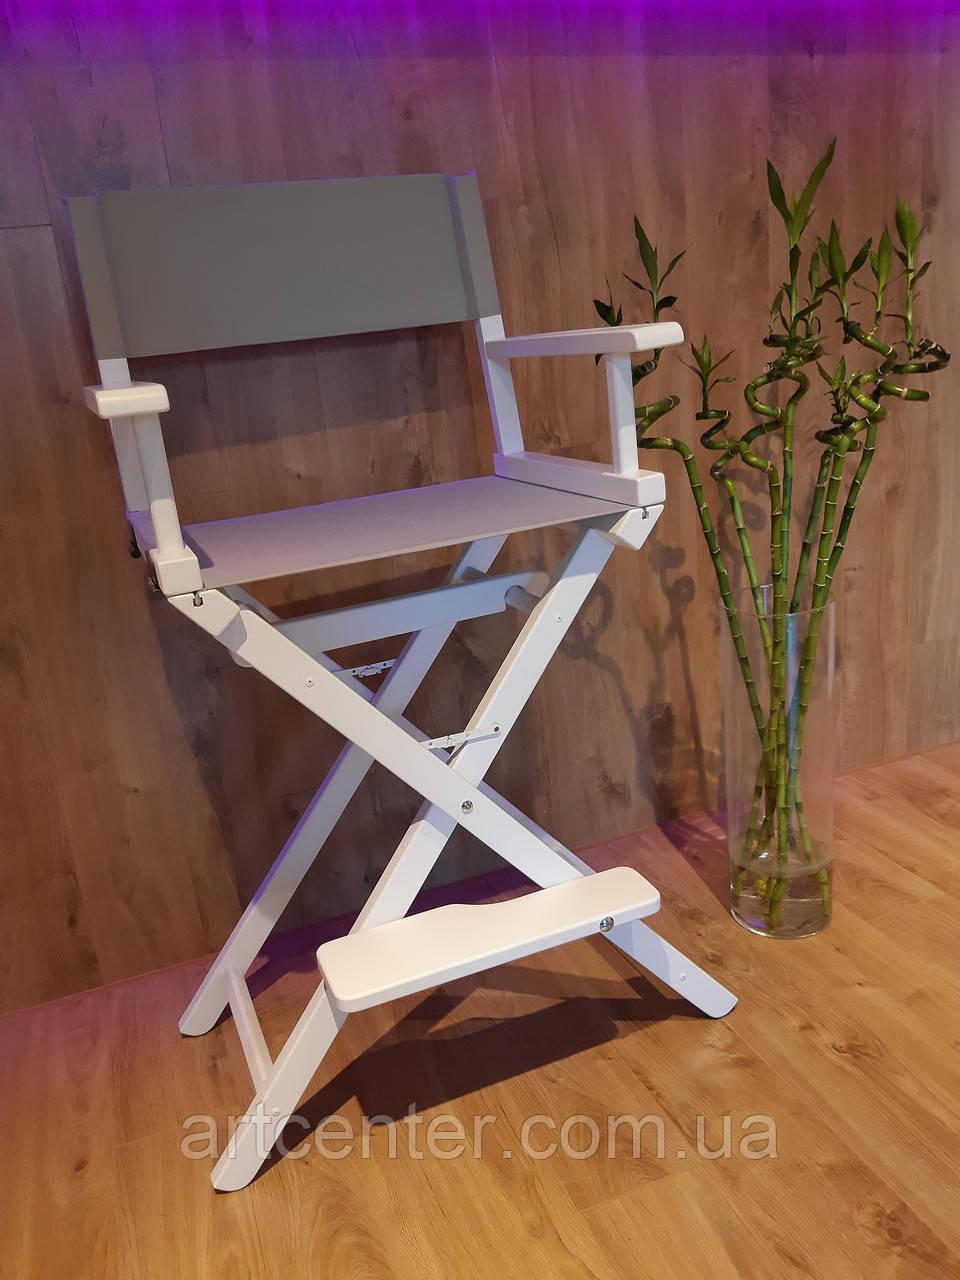 Кресло визажиста из натурального ясеня белого цвета с серой тканью